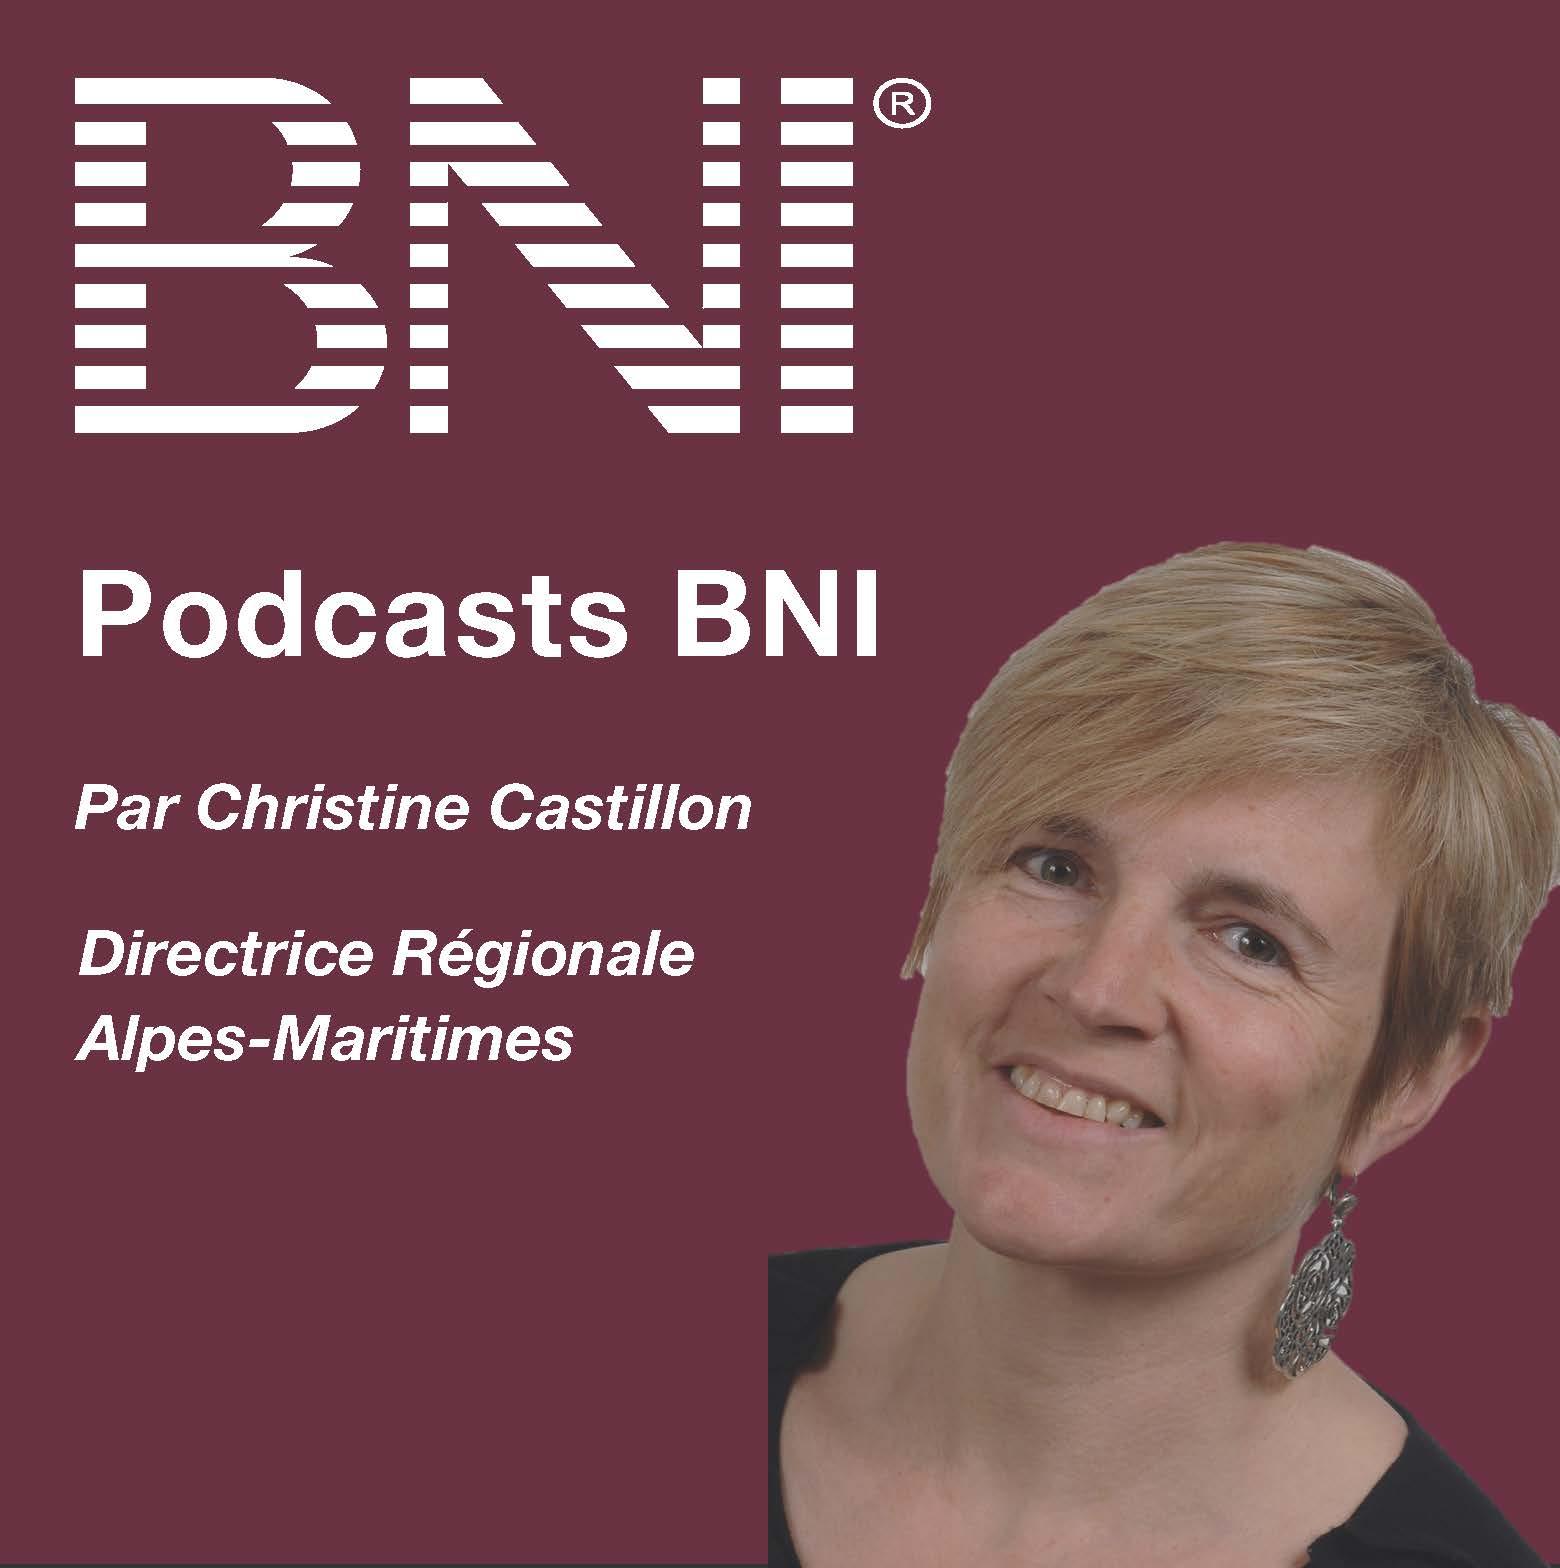 Logo podcasts C Castillon